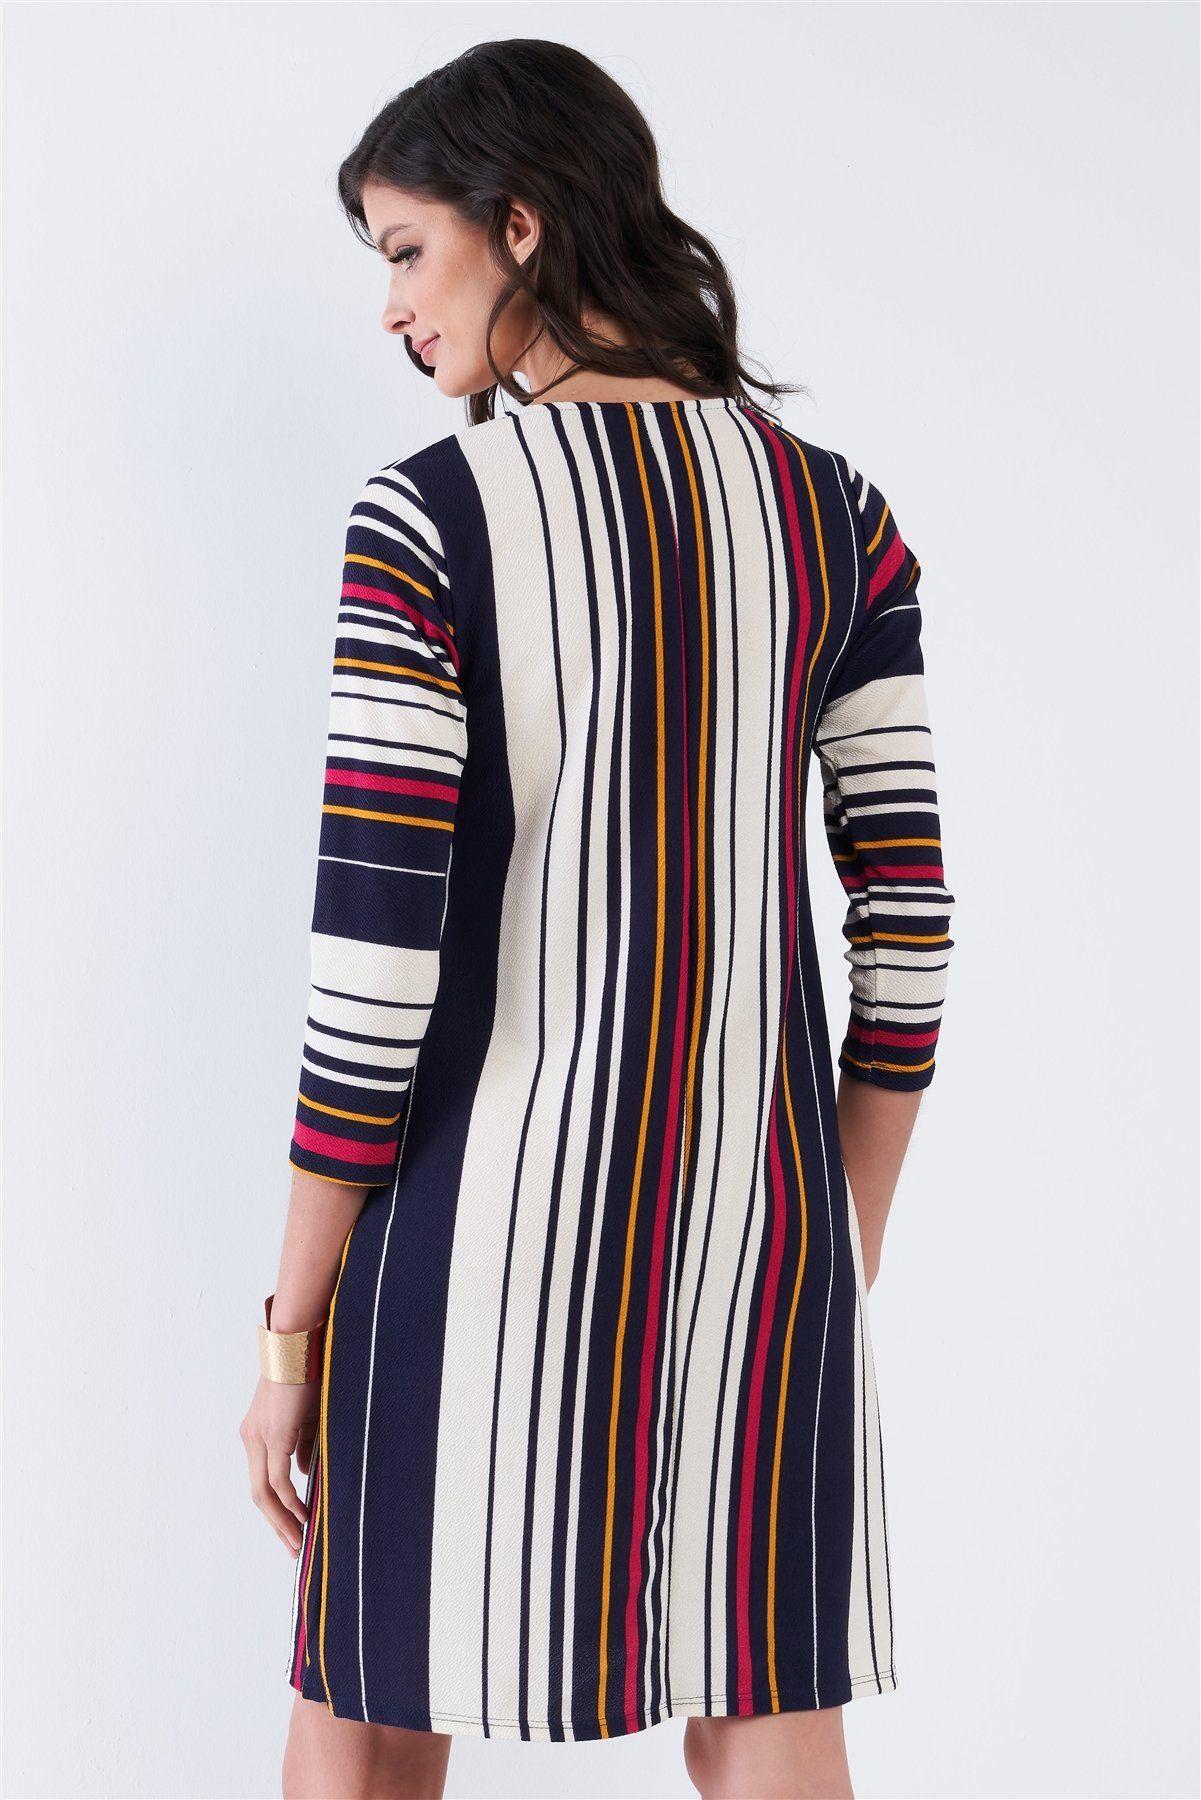 Navy Multi Stripe 3 4 Sleeve Shift Midi Dress In 2021 Midi Shift Dress Dresses Navy Midi Dress [ 1800 x 1201 Pixel ]